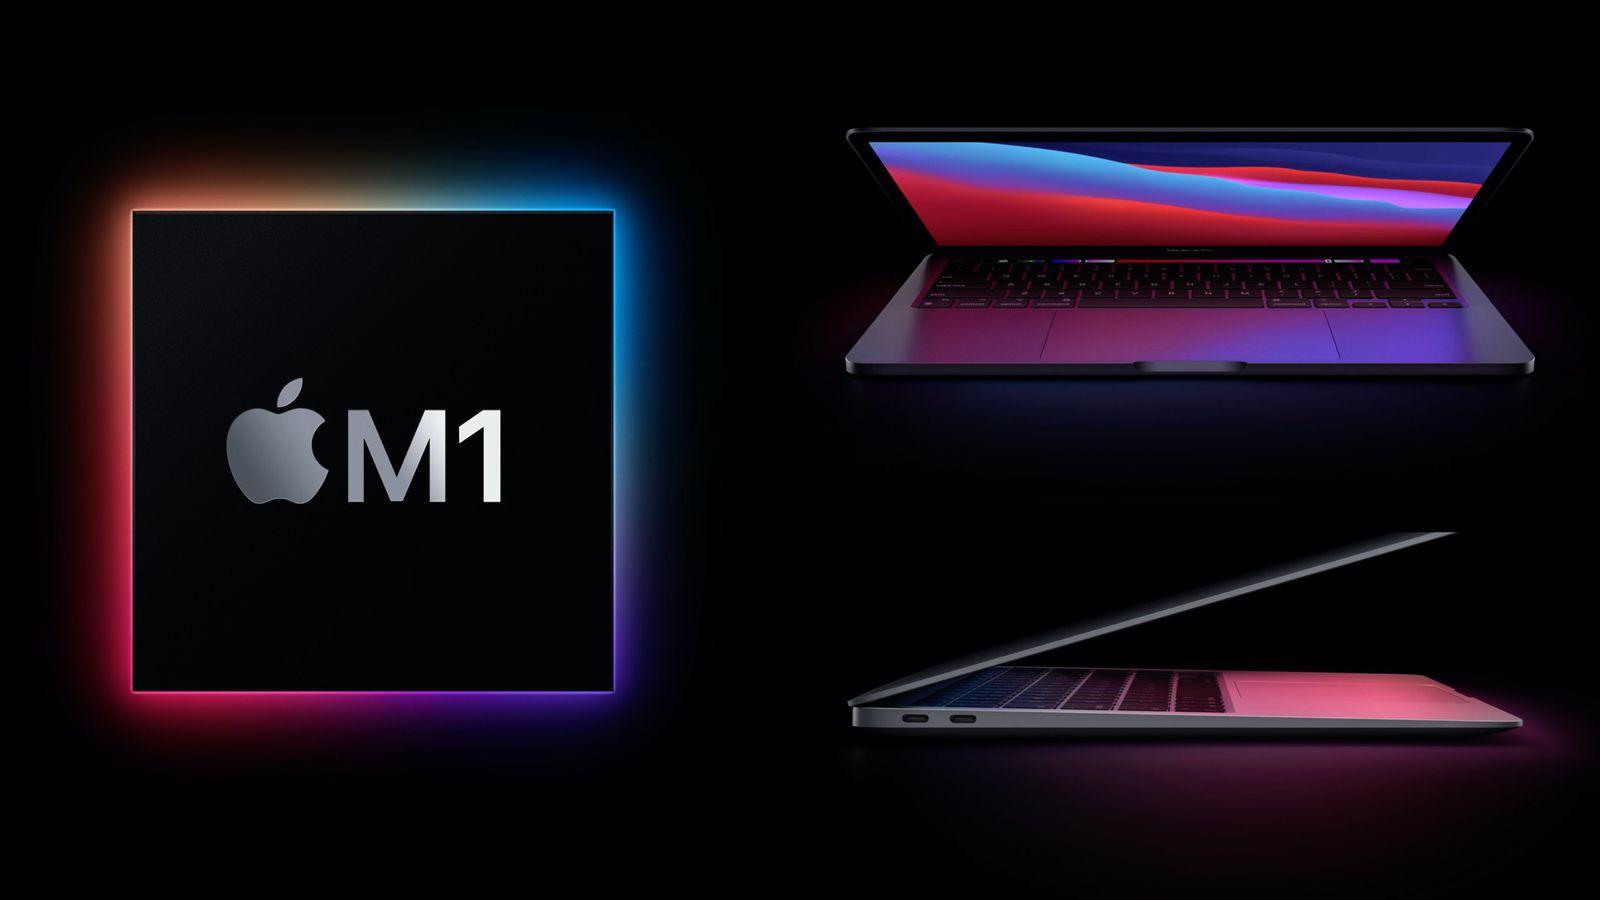 Macbook Air 2020 M1 7GPU 16GB 256GB Z12A0004Z - Gold